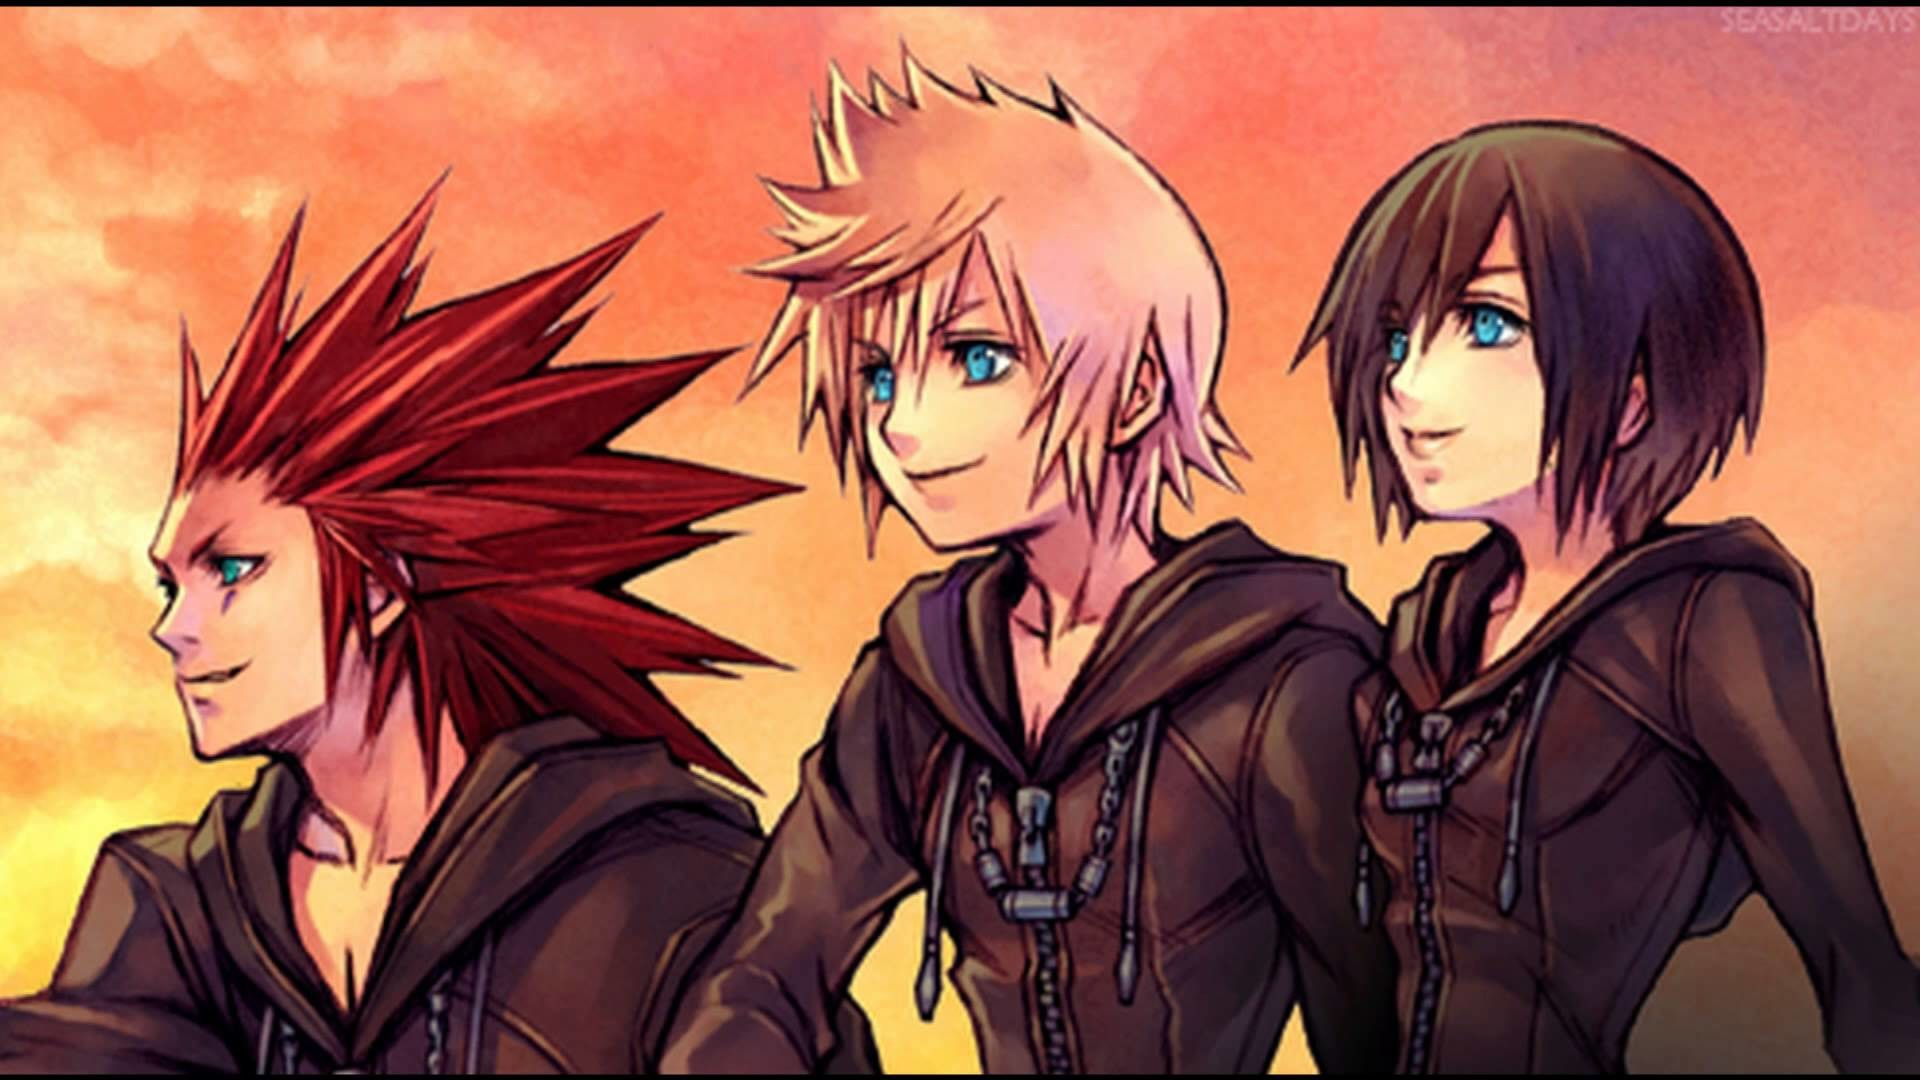 68 Axel Kingdom Hearts